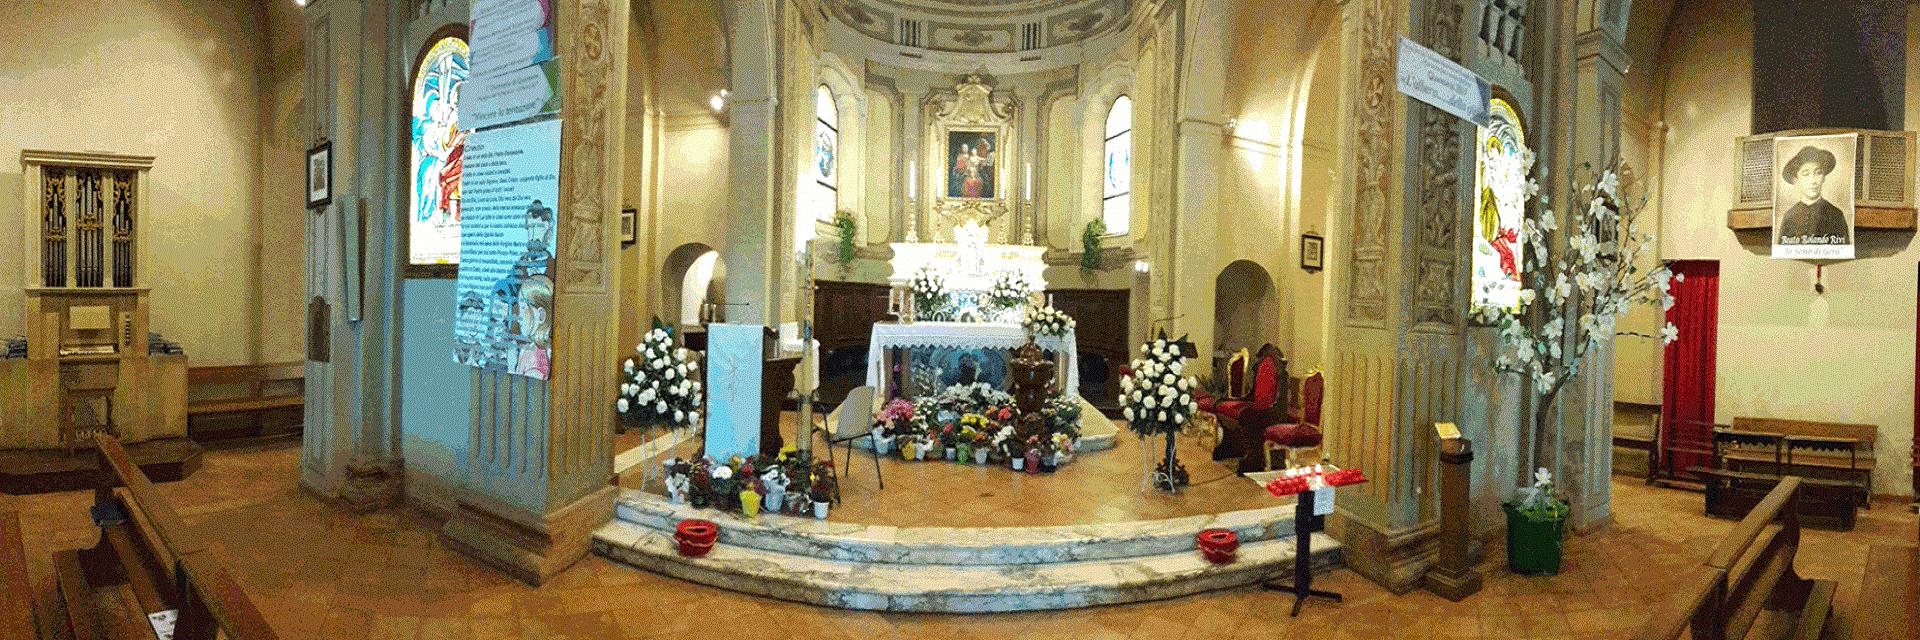 Chiesa parrocchiale di Spezzano